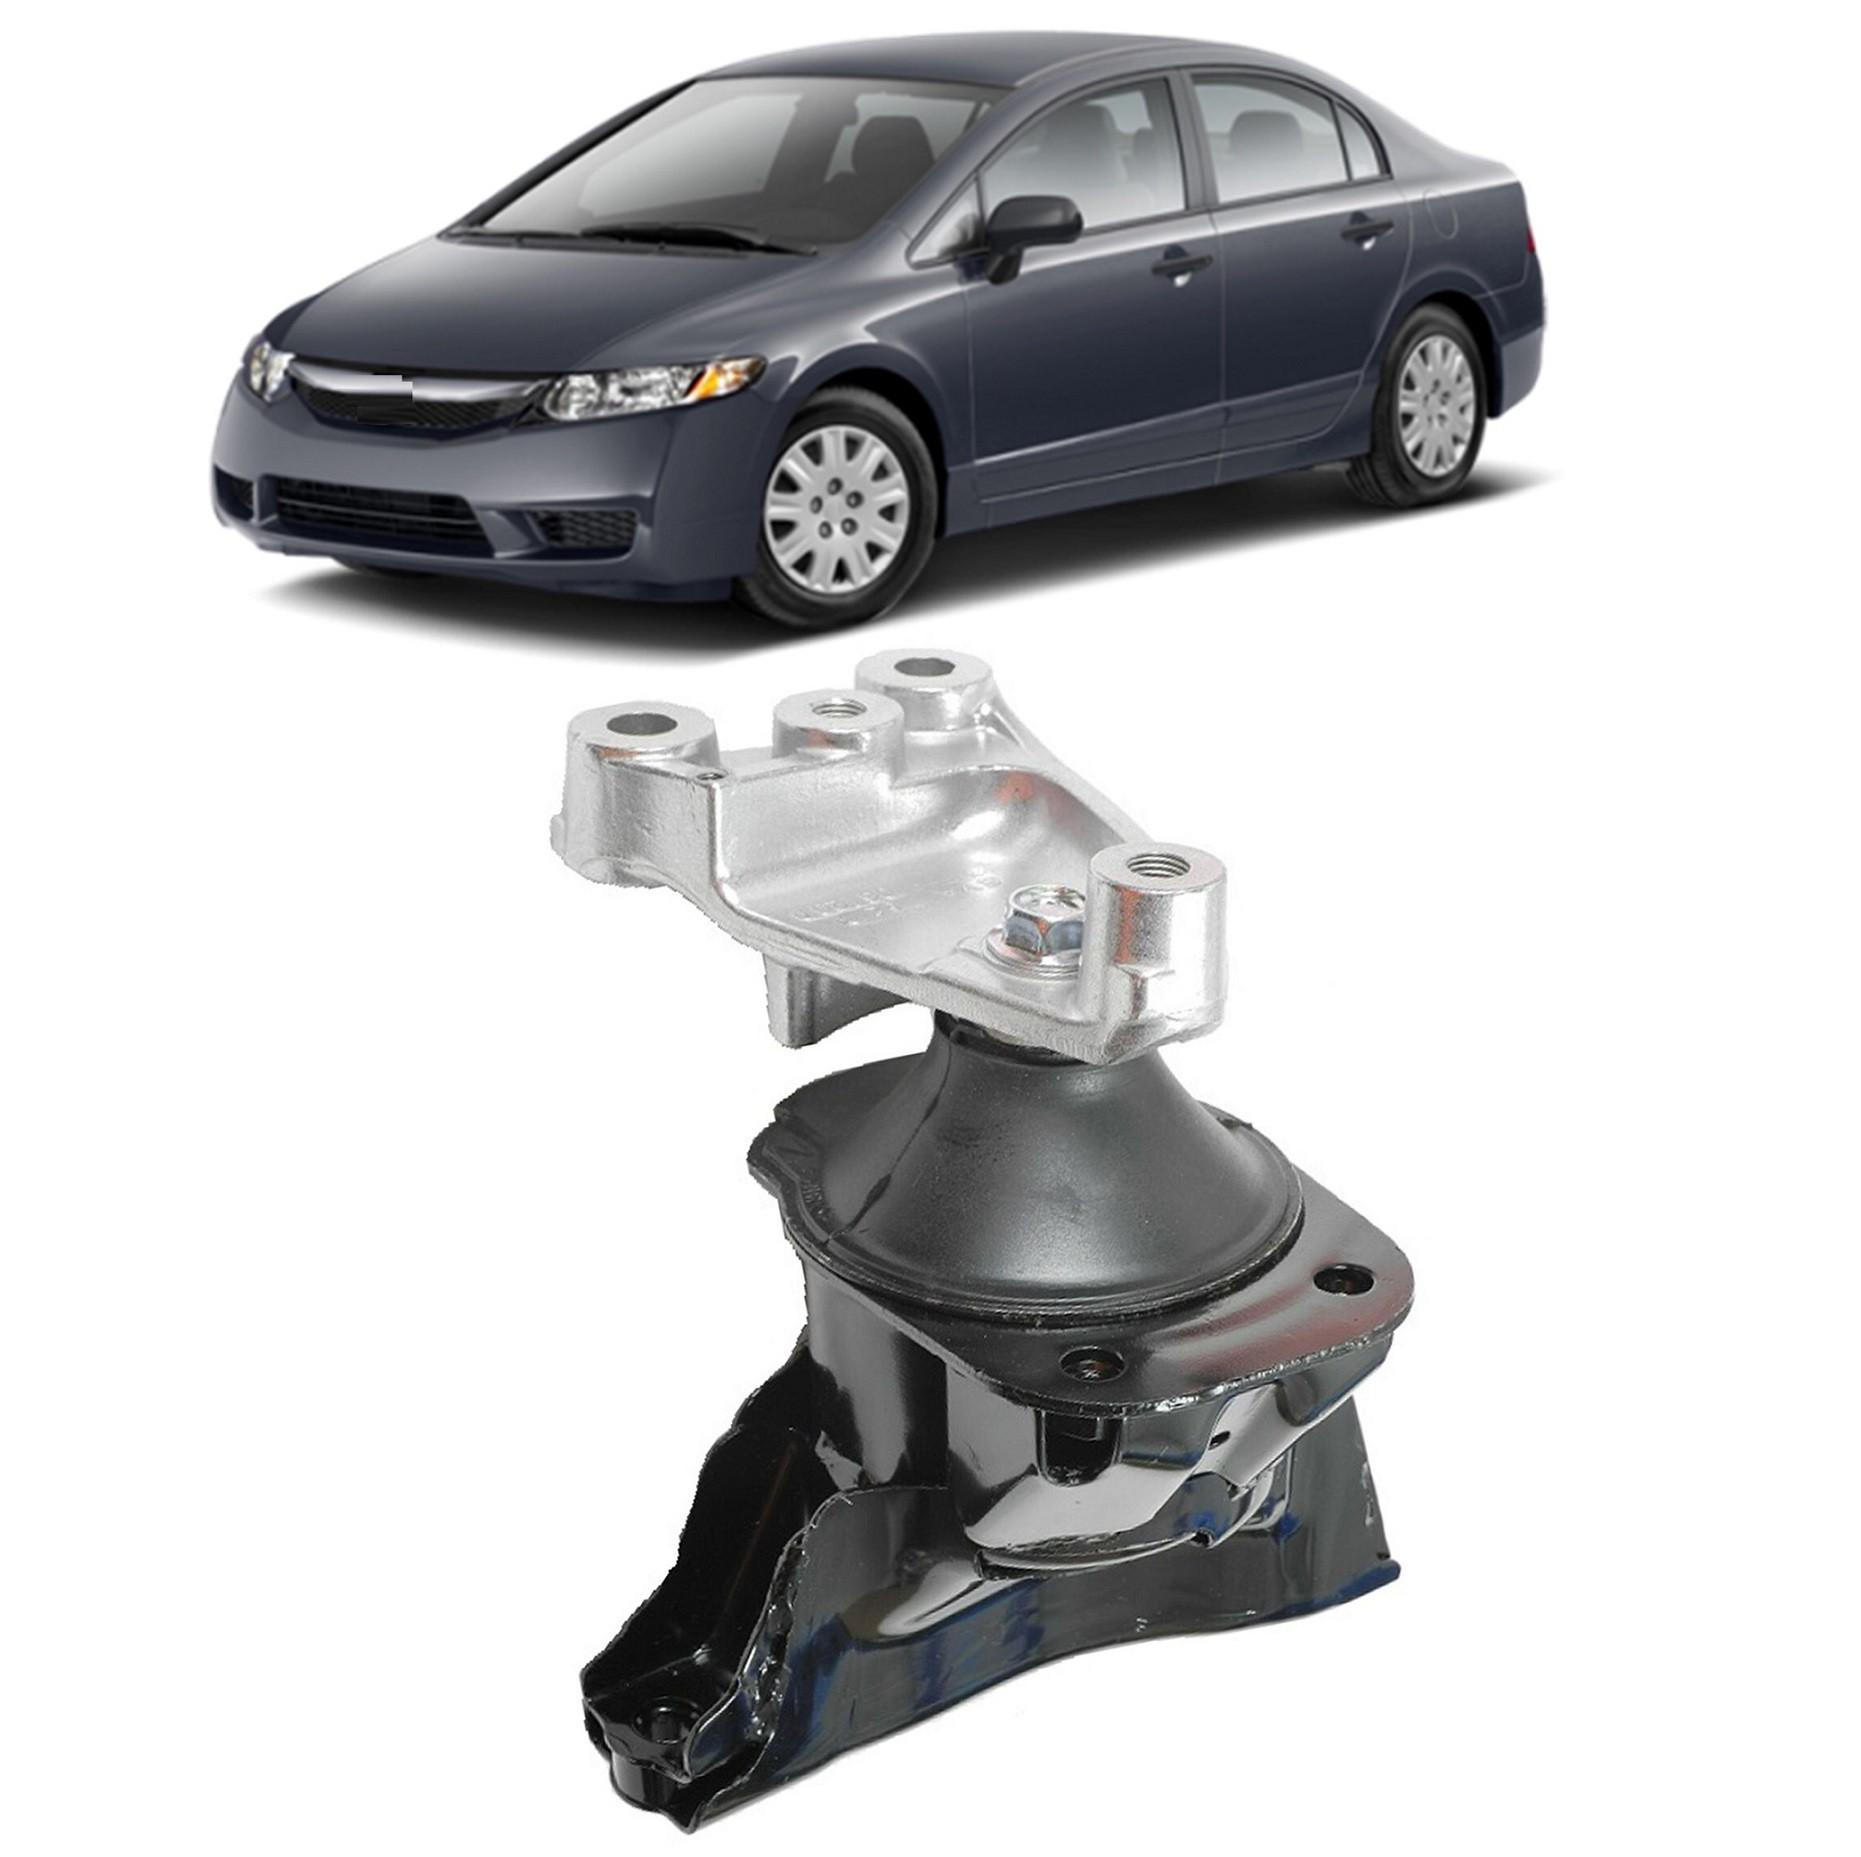 Calço Coxim Direito Motor Honda New Civic 2007 2008 2009 2010 2011 2012 Hidráulico